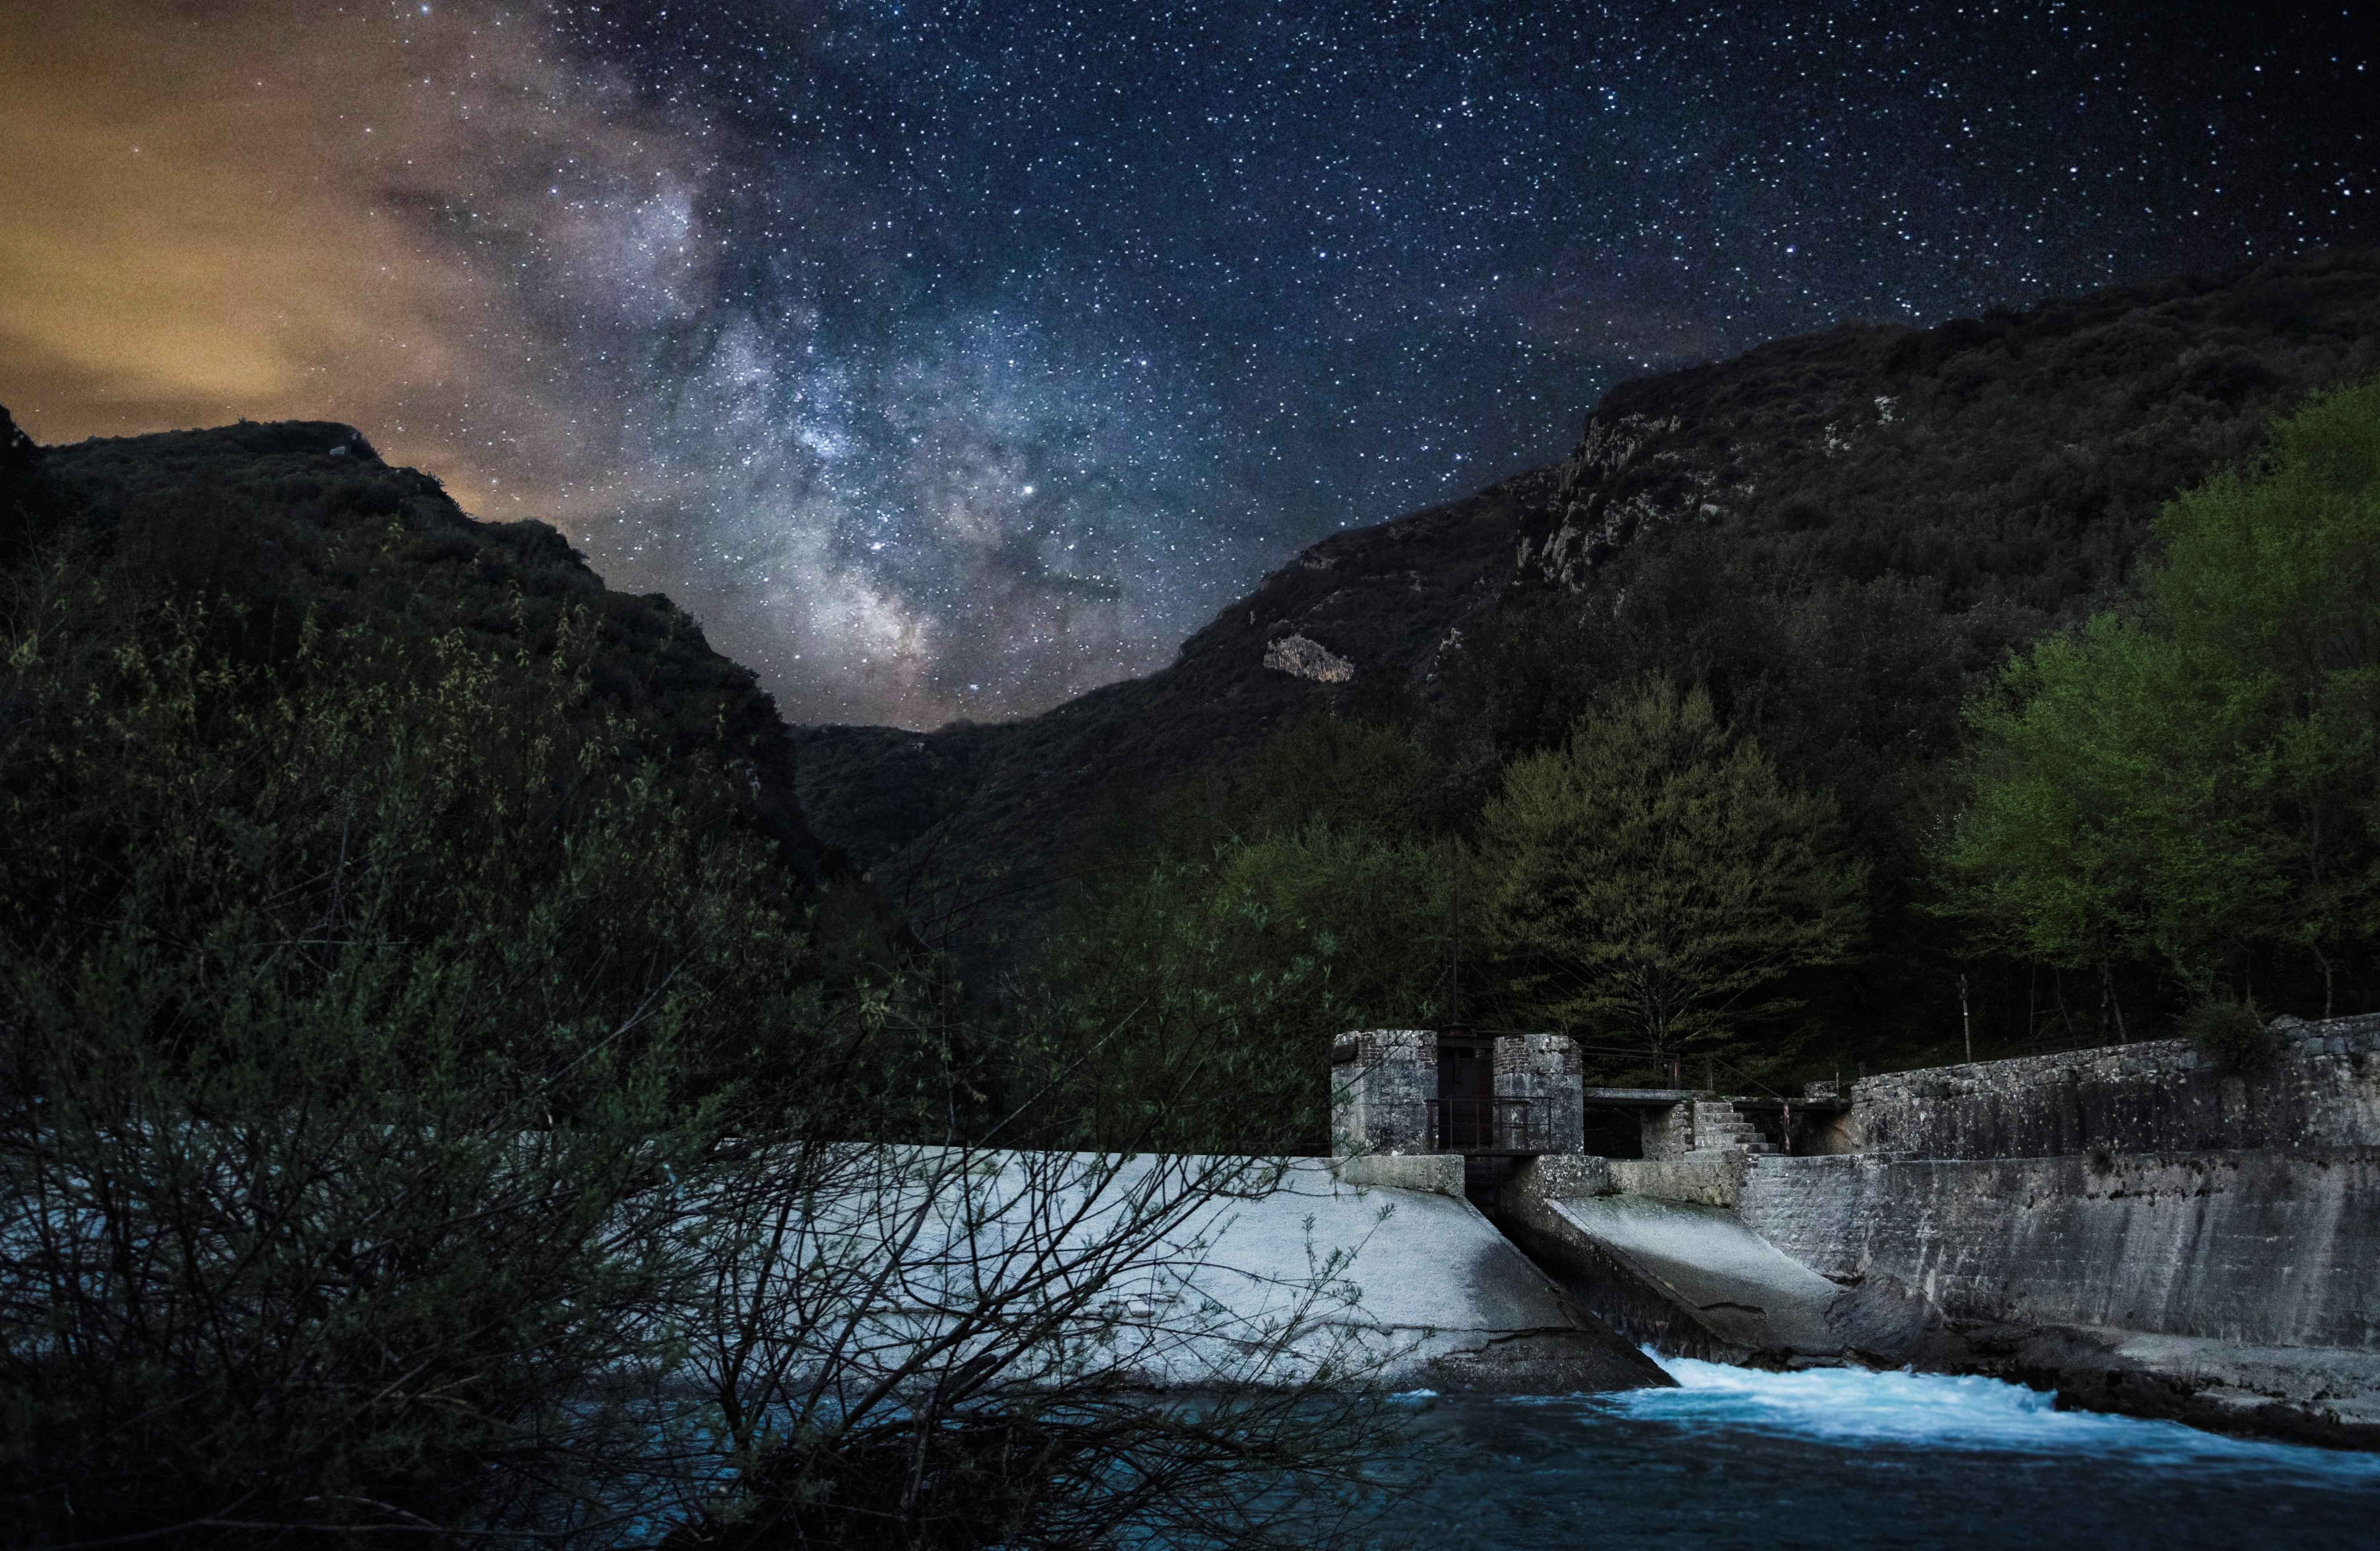 dam near mountain at night